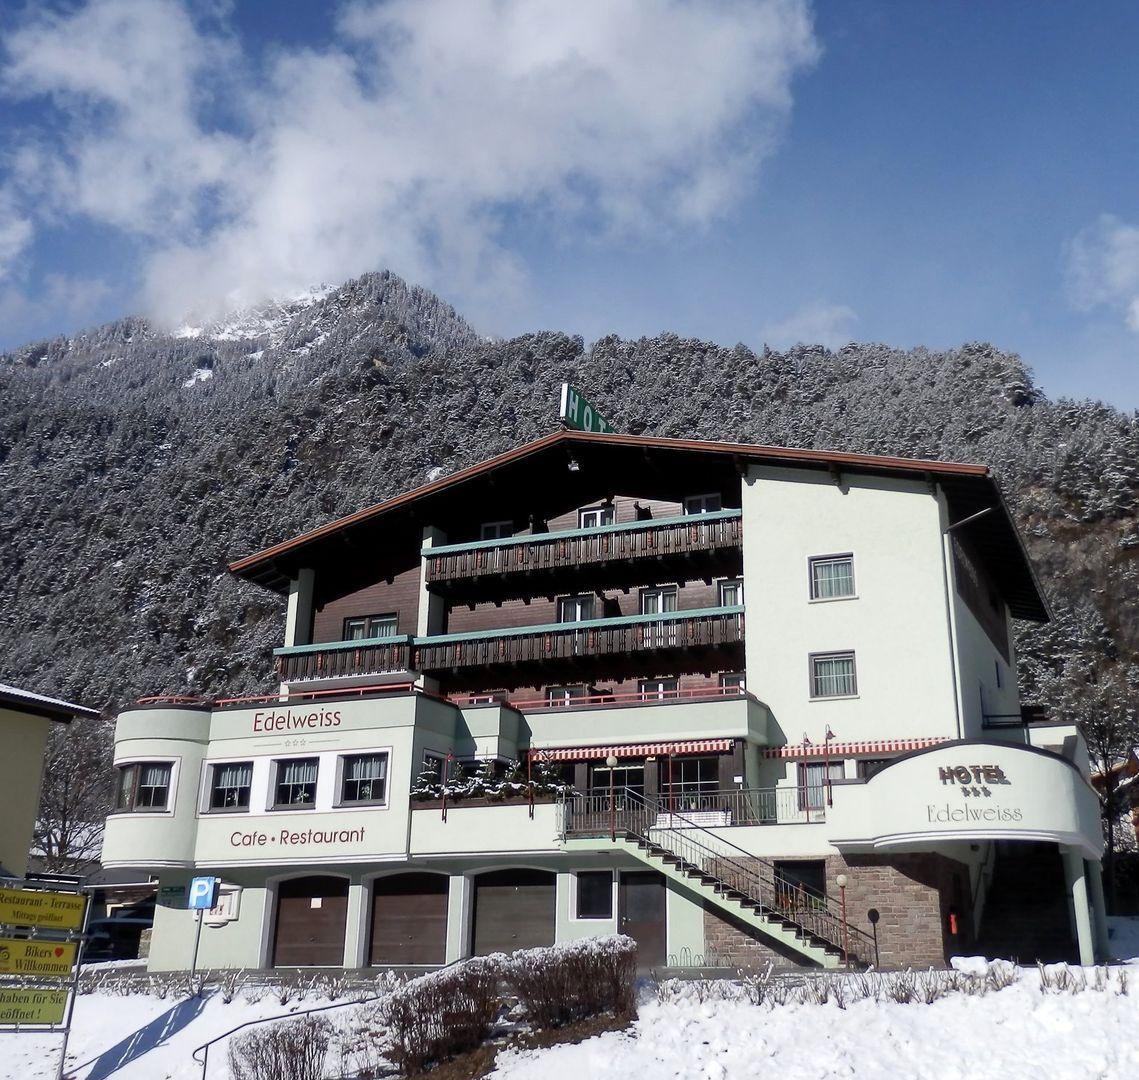 Hotel Edelweiss - Slide 1